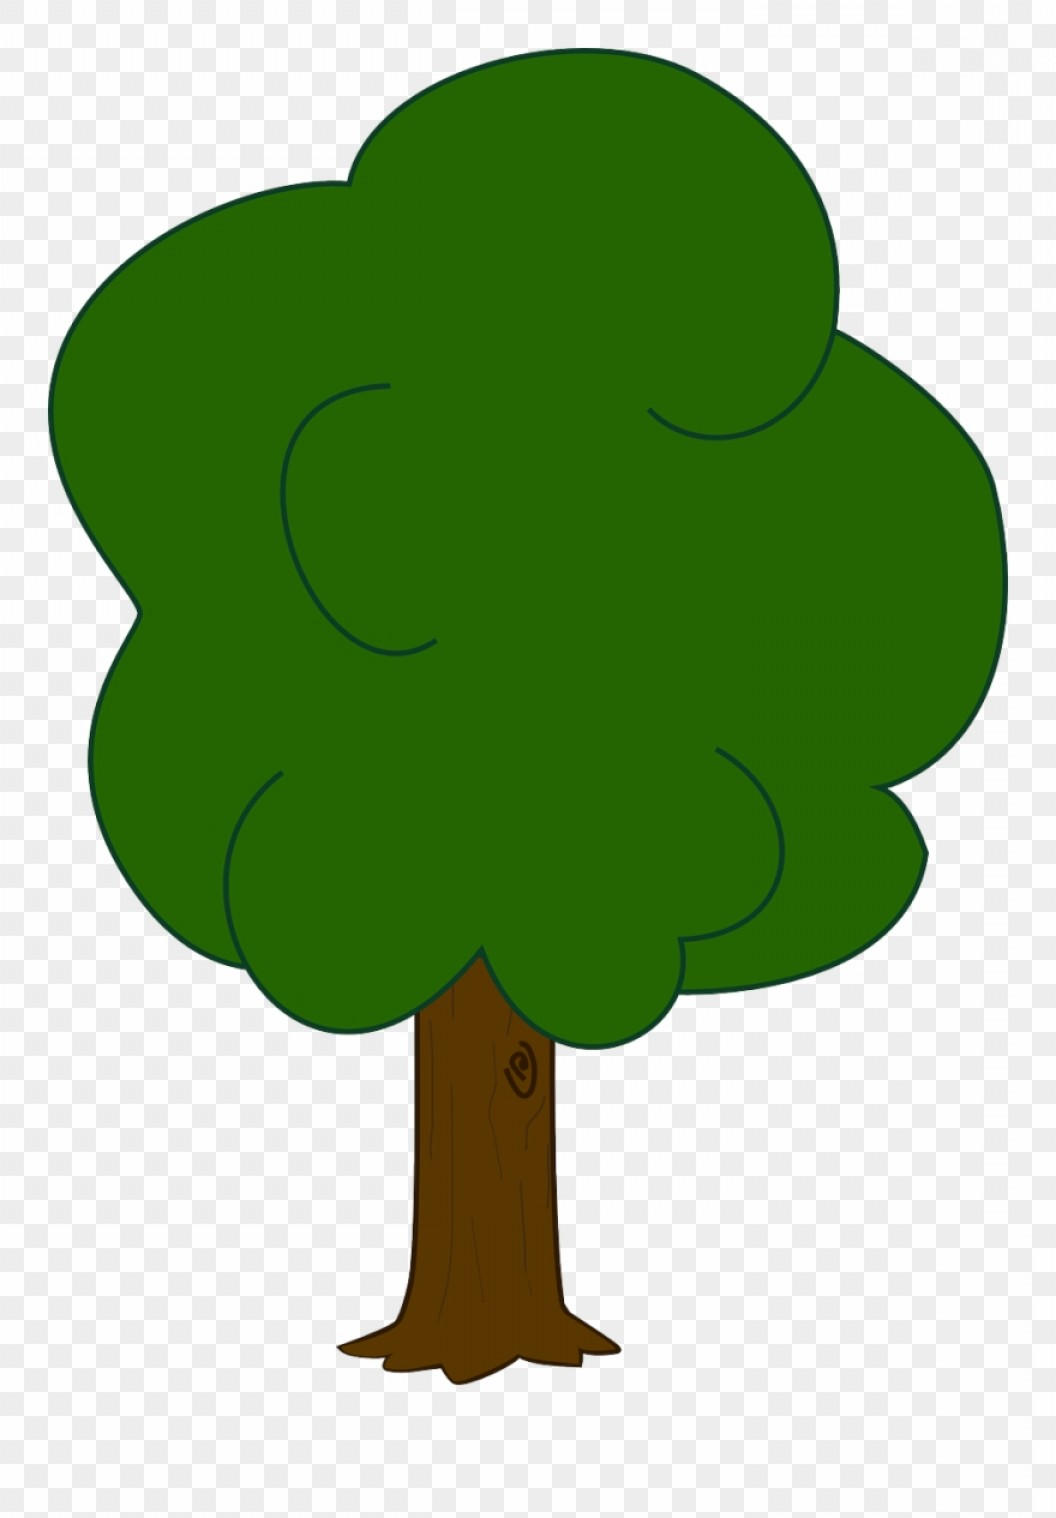 Ixmvector Oak Tree Clip Art Png Download.